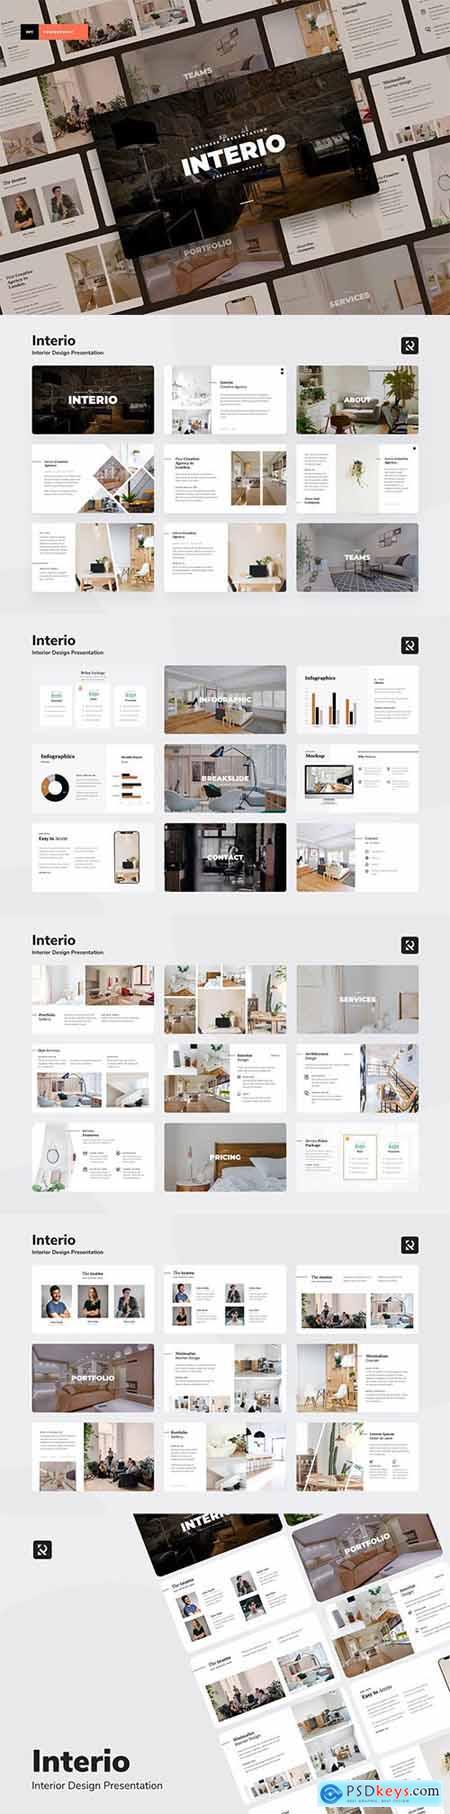 Interio - Interior Design Powerpoint, Keynote and Google Slides